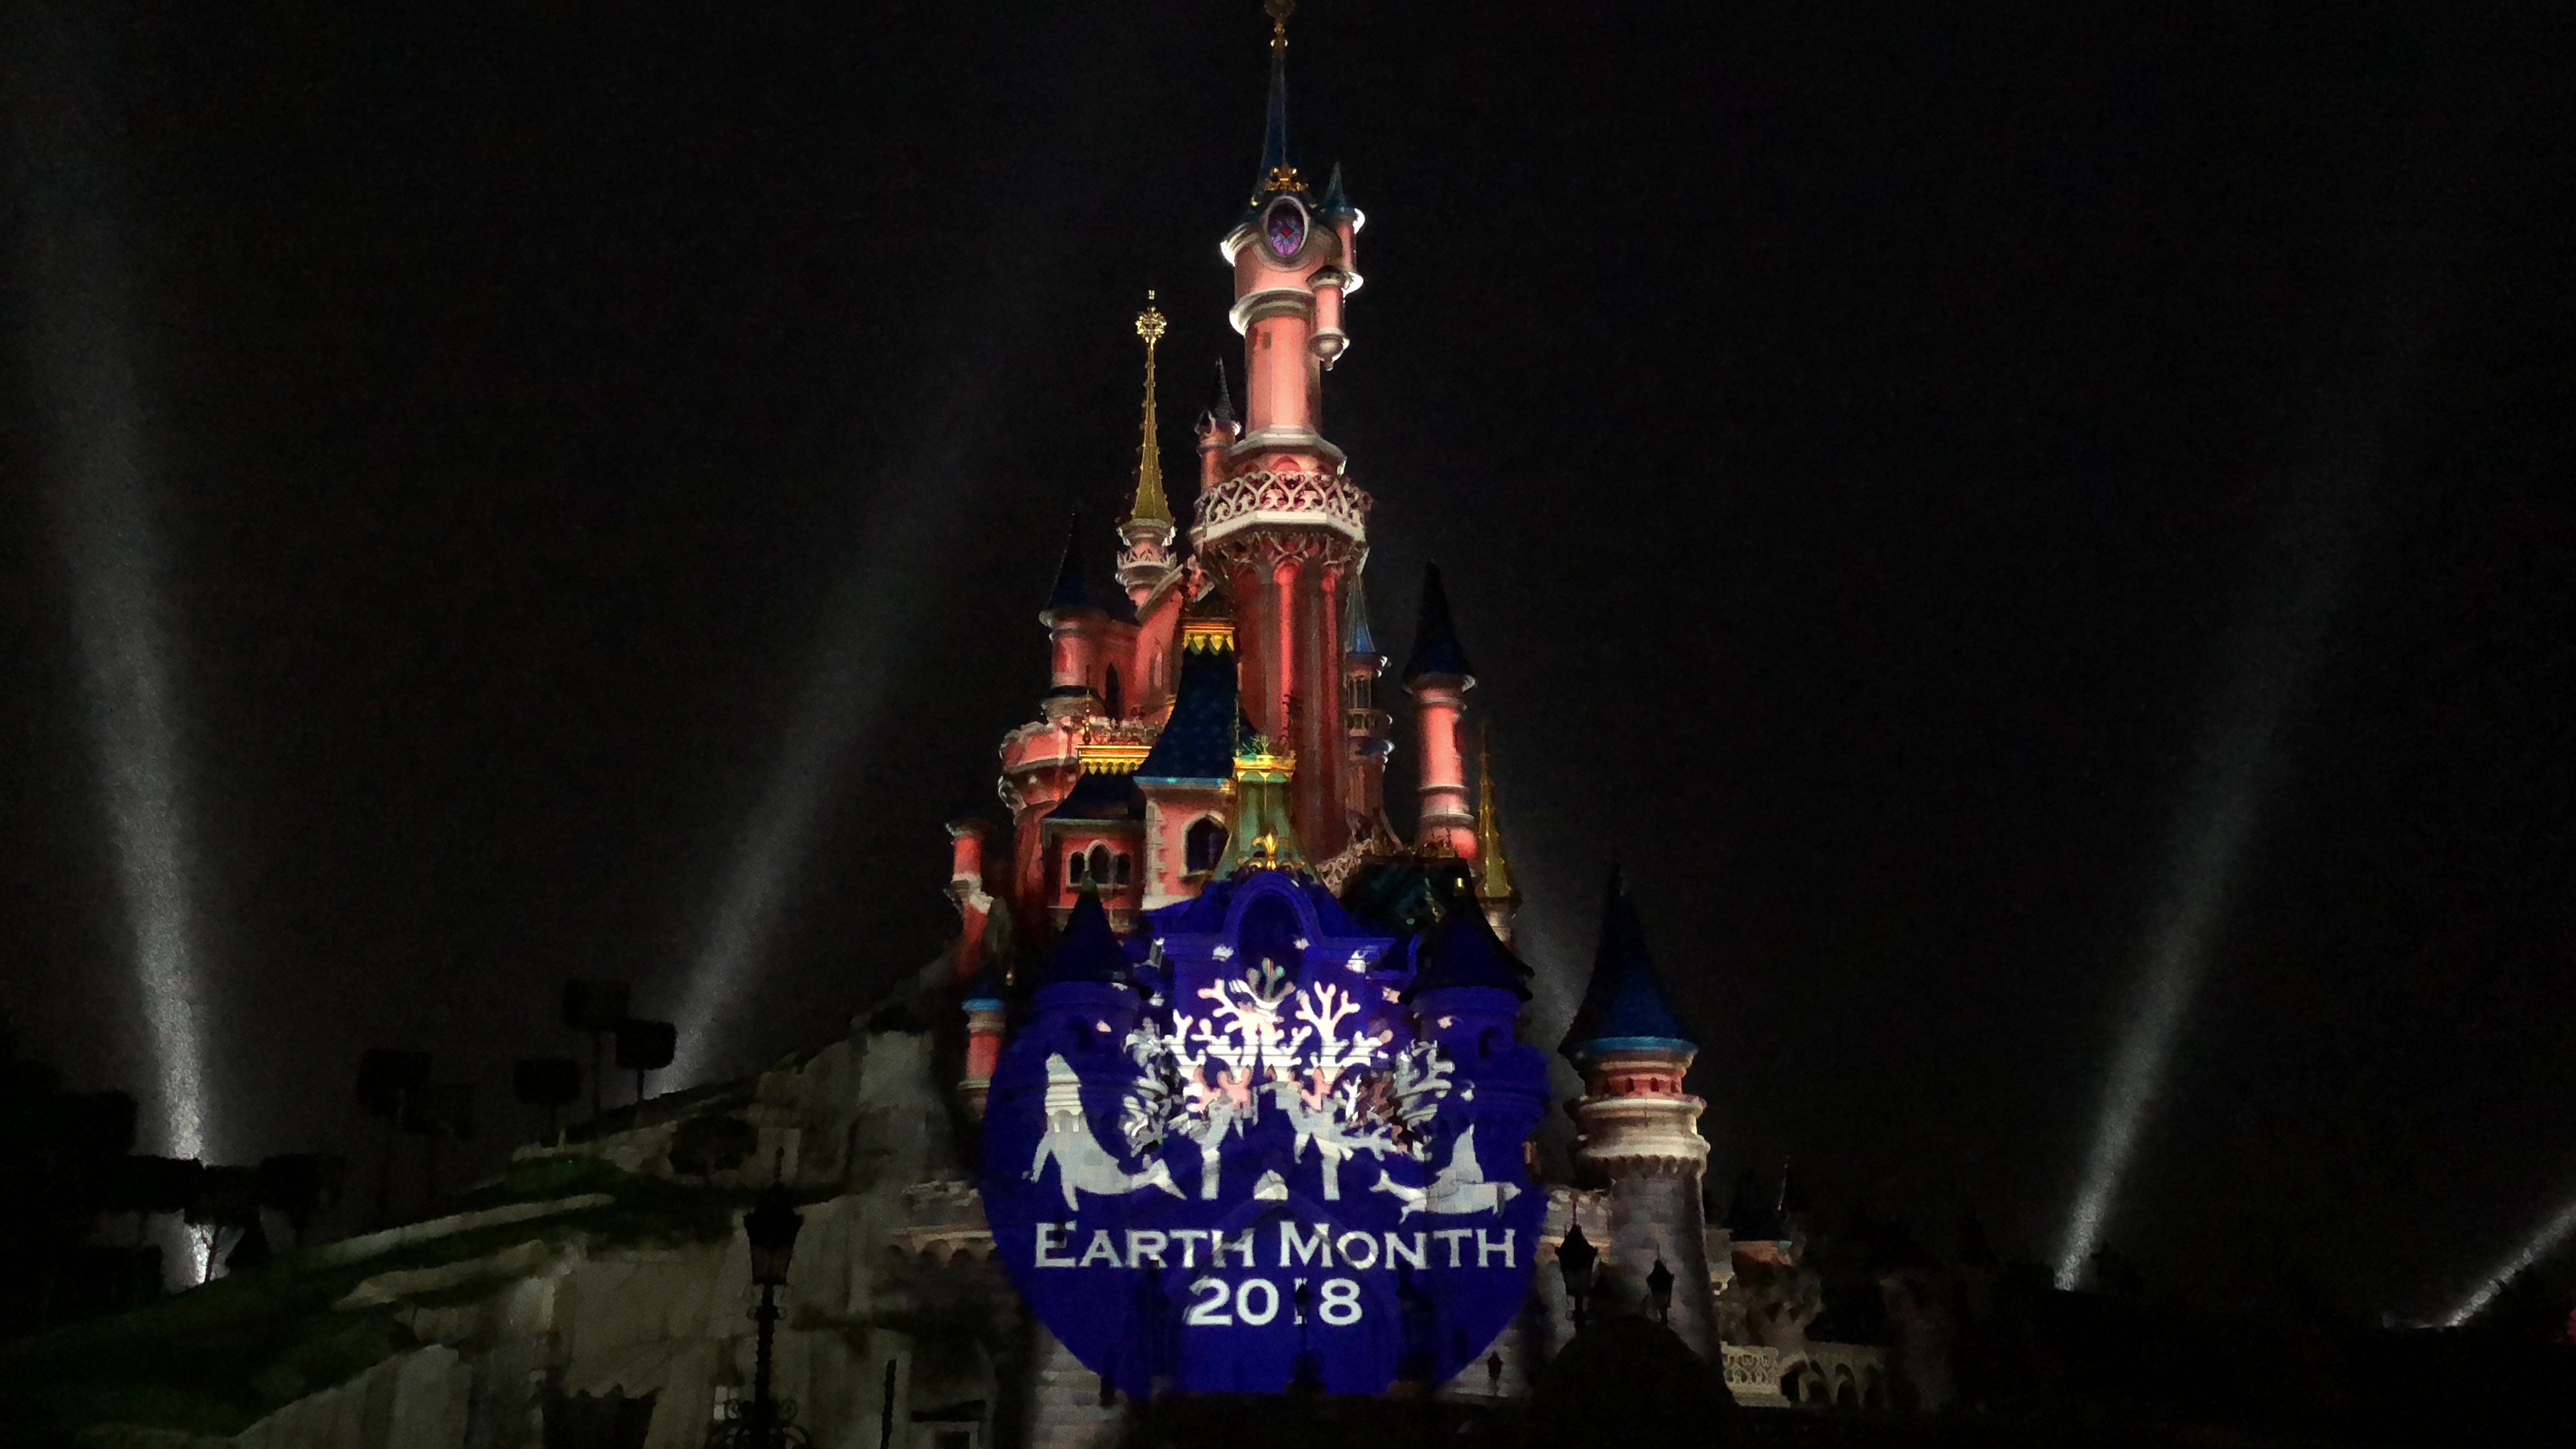 Earth Month 2018 at Disneyland Paris